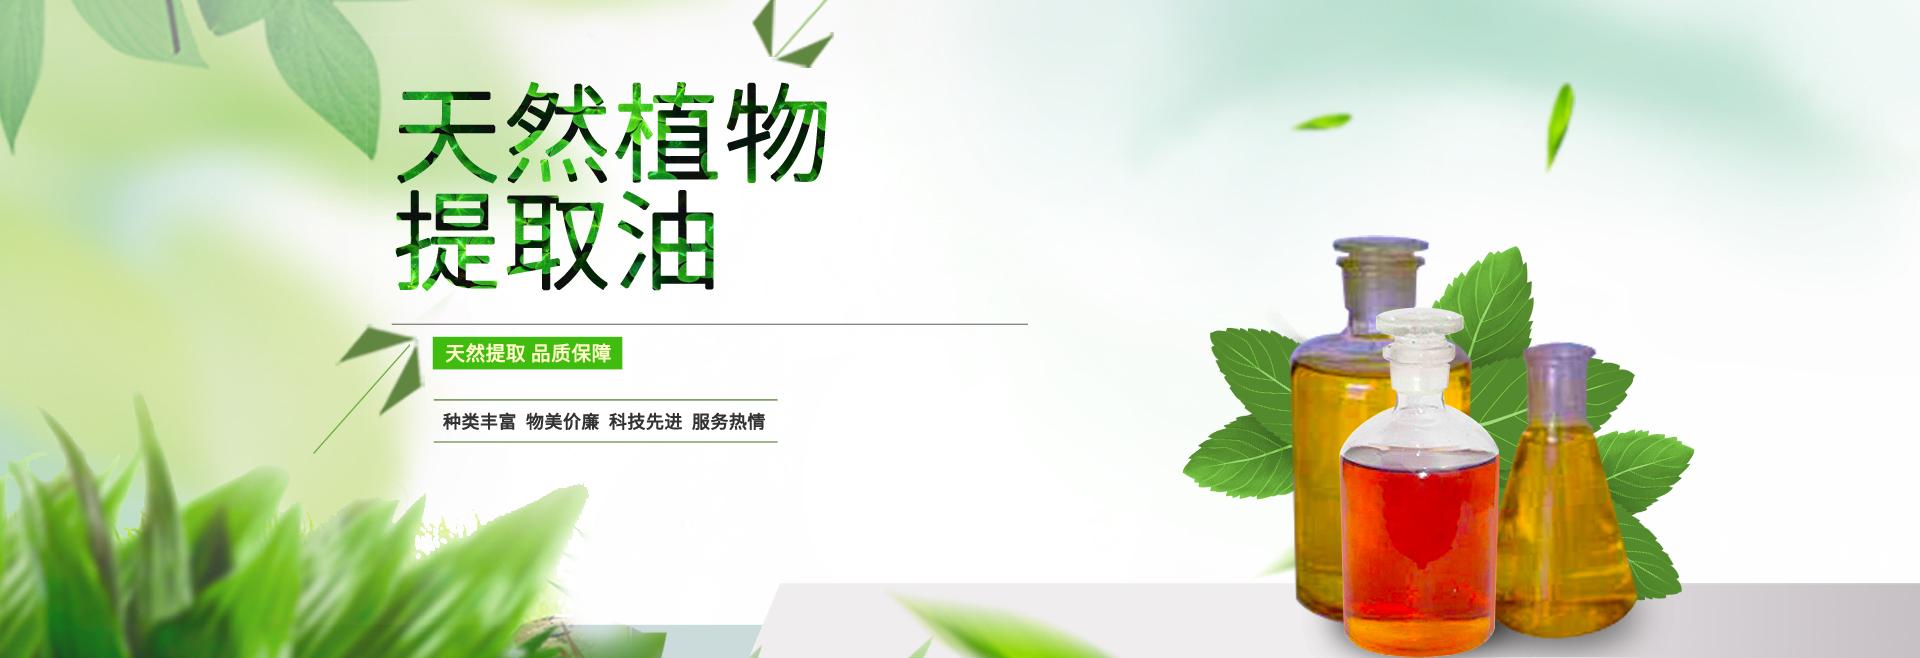 什么是茶树油,茶树油的基本特性有哪些